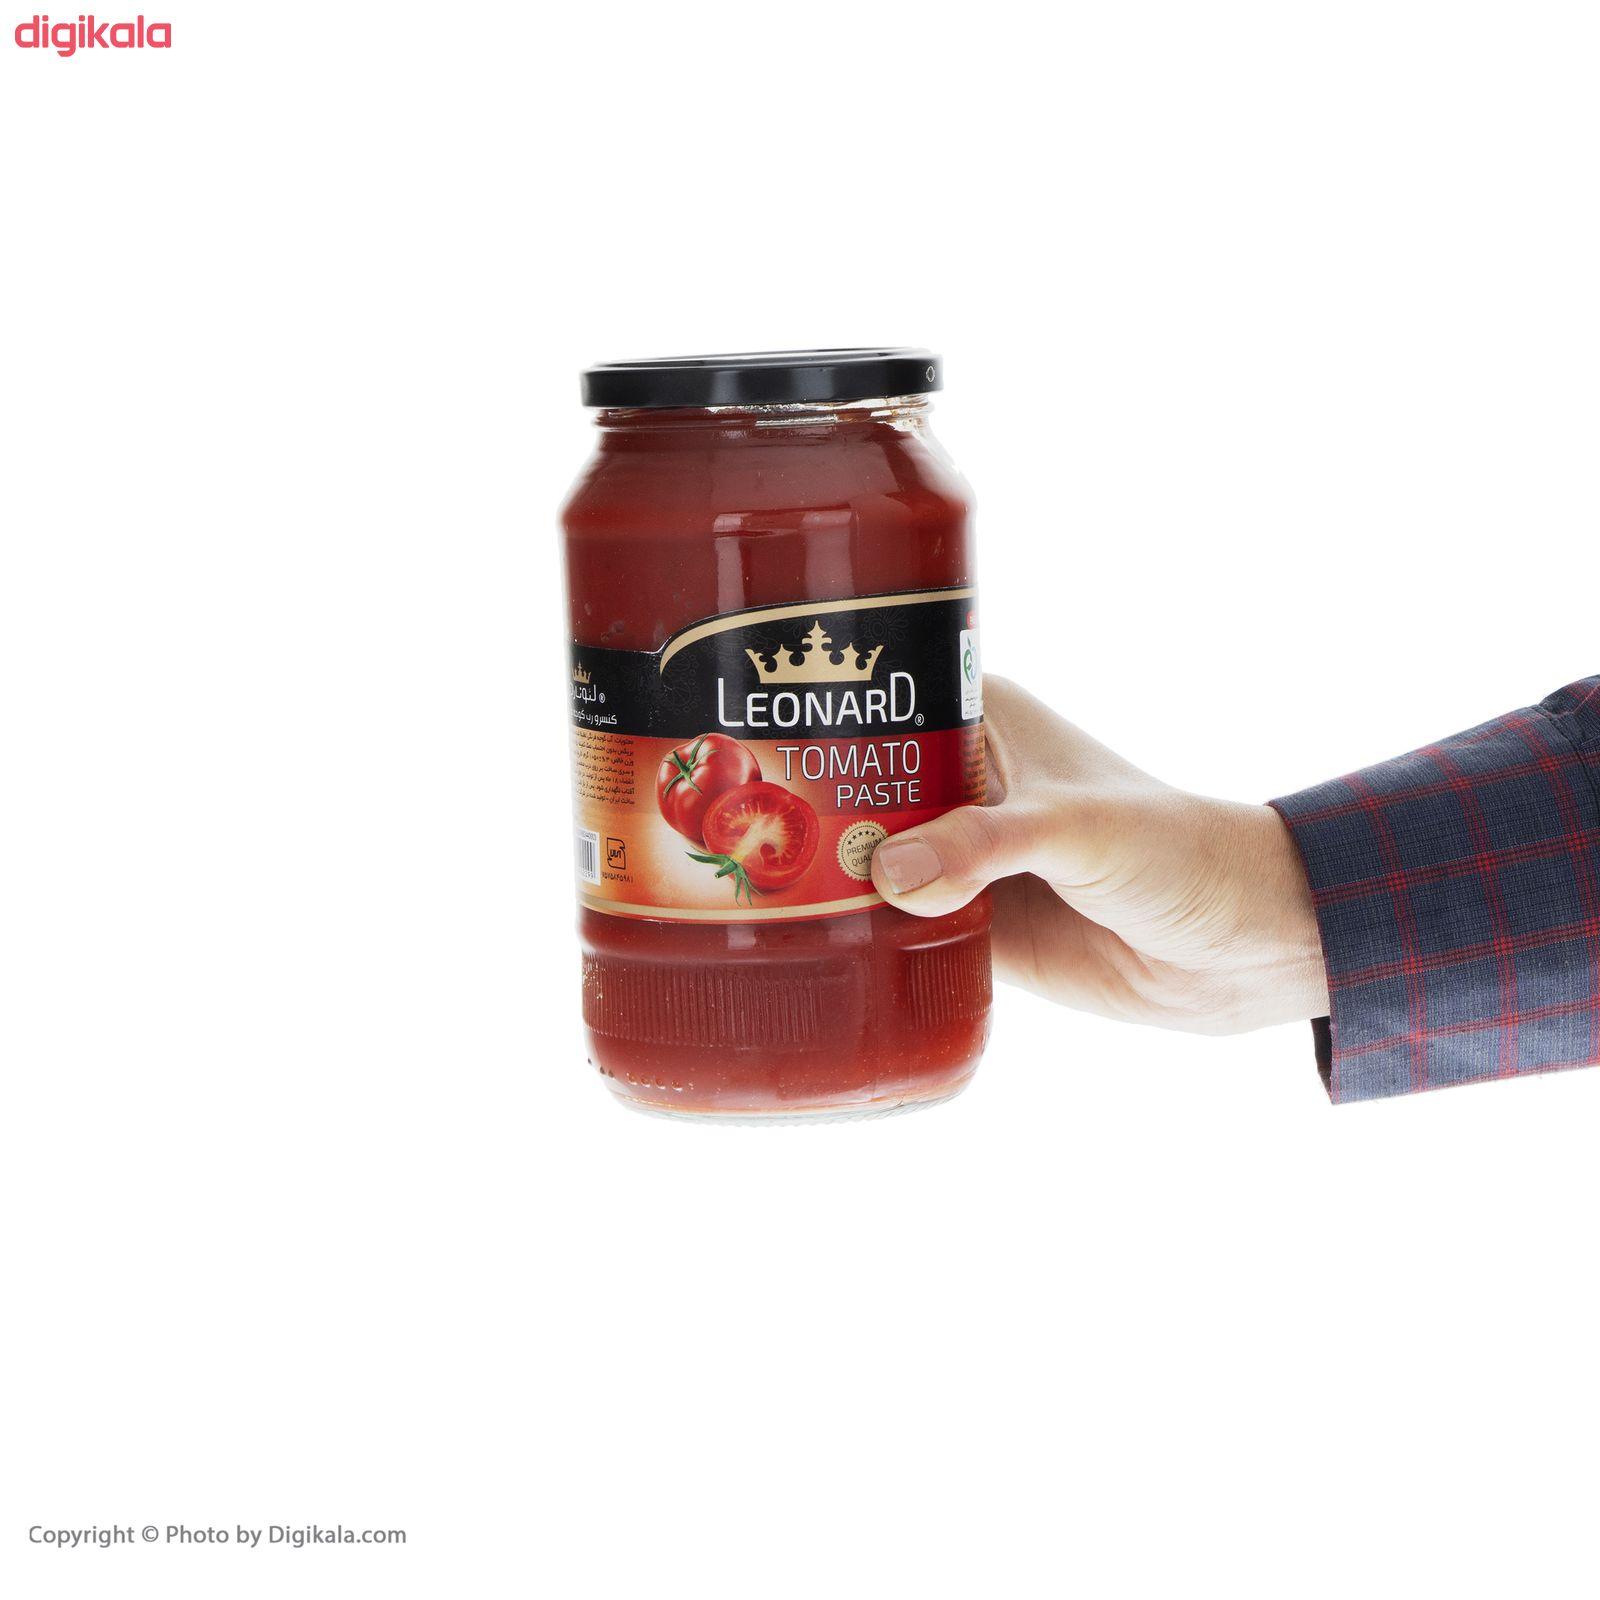 رب گوجه فرنگی لئونارد - 1.05 کیلوگرم main 1 4